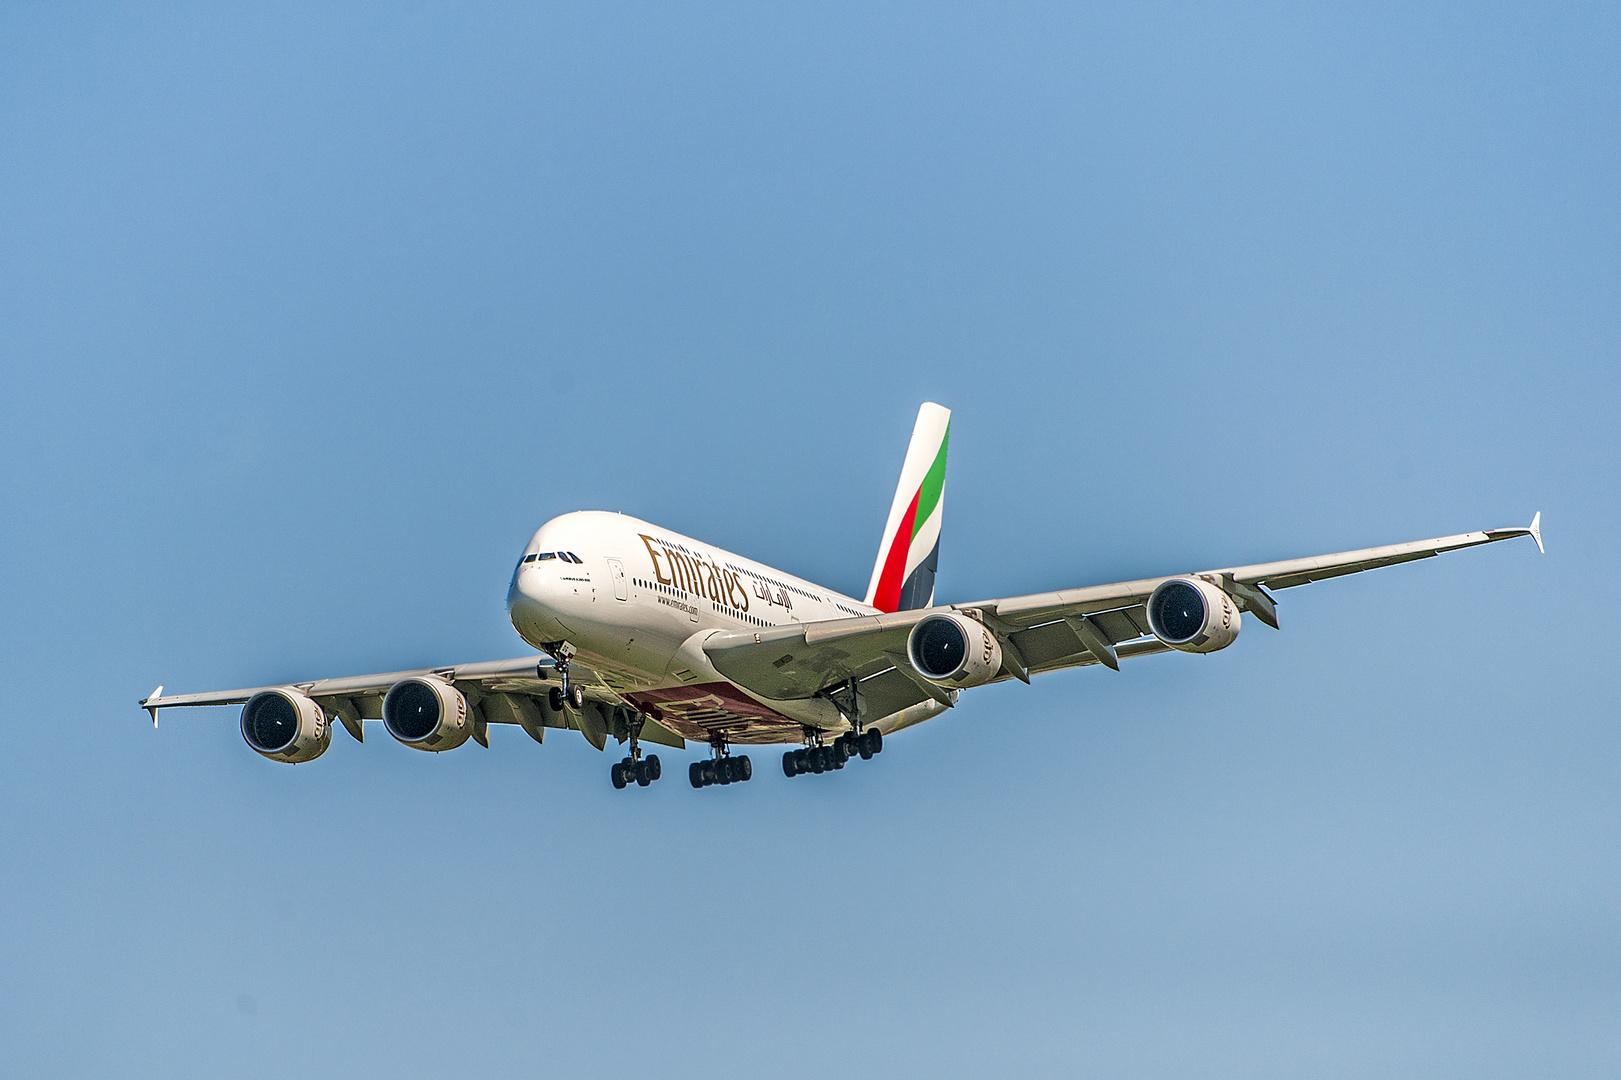 Landeanflug auf München